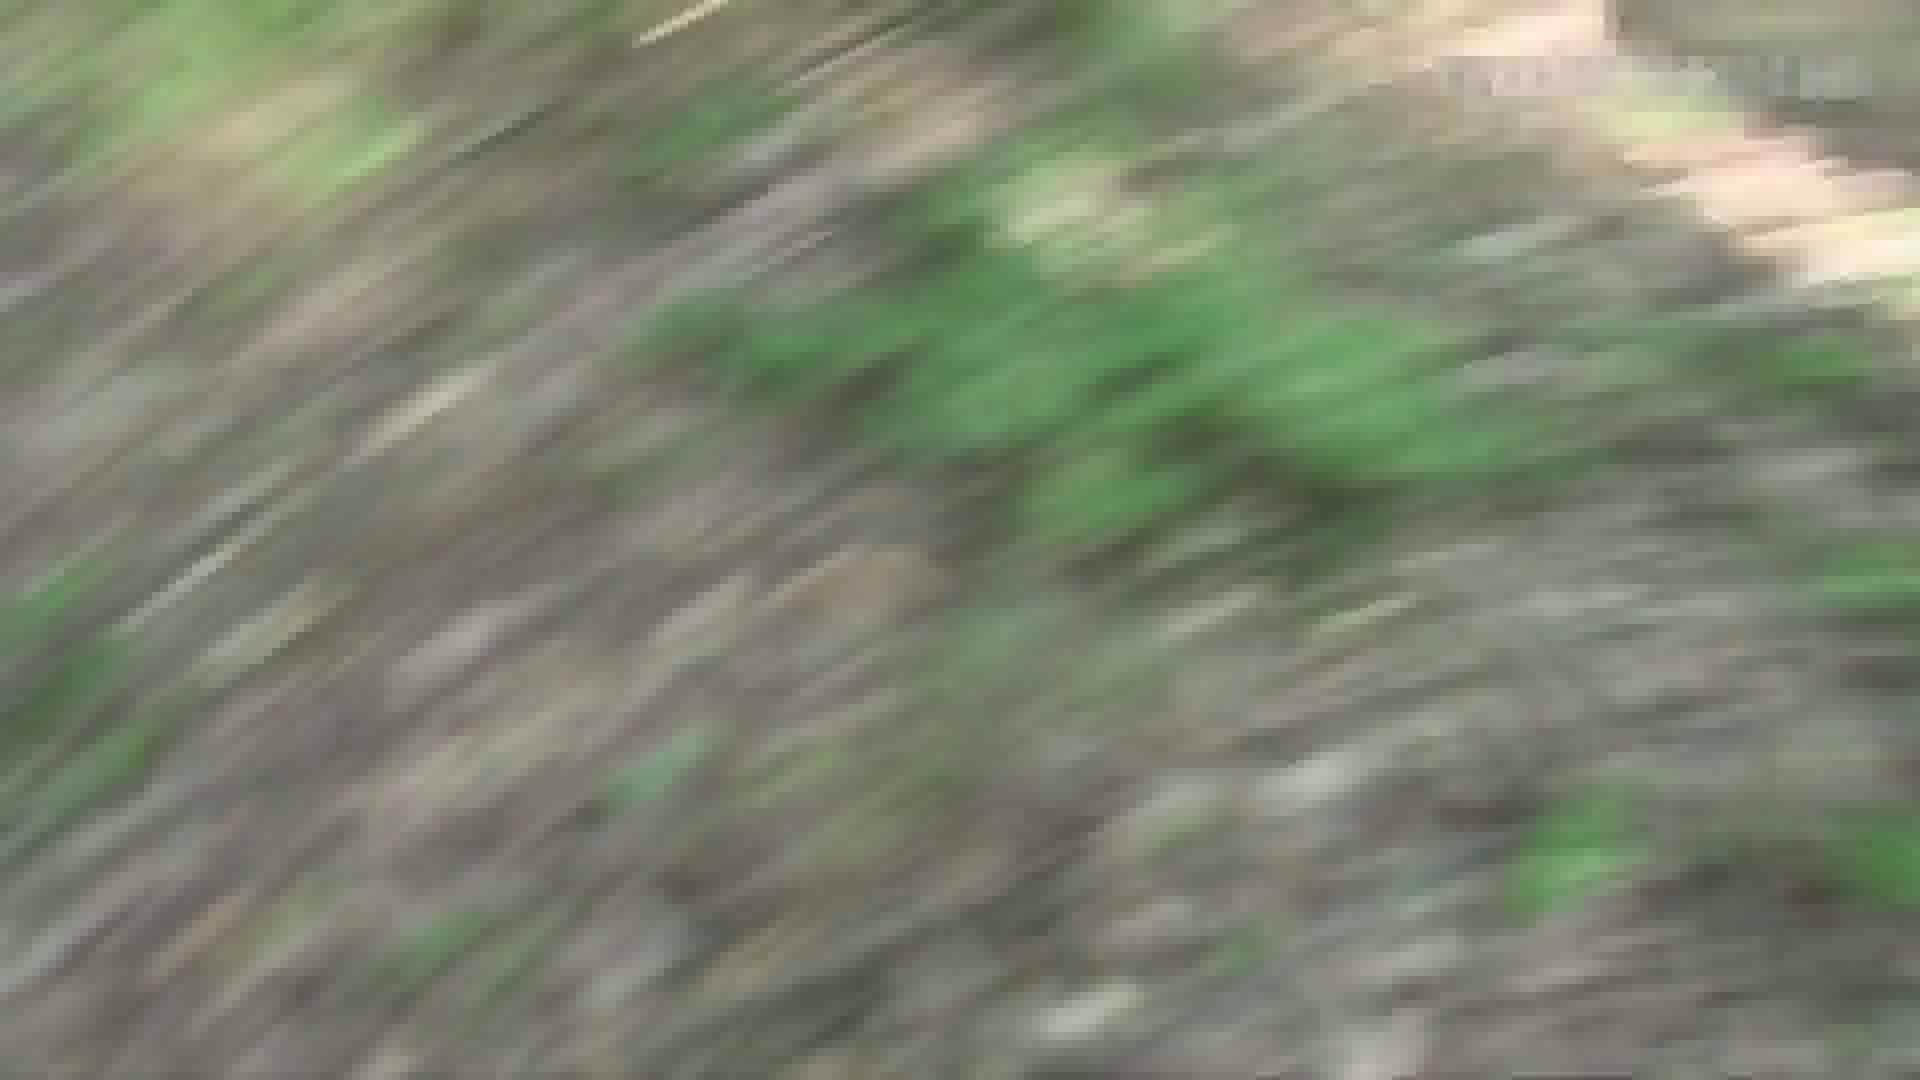 ユーロナンパ!イケメン外人さんGET!!Season4 vol08 野外・露出 | 巨根系ボーイズ  102pic 19